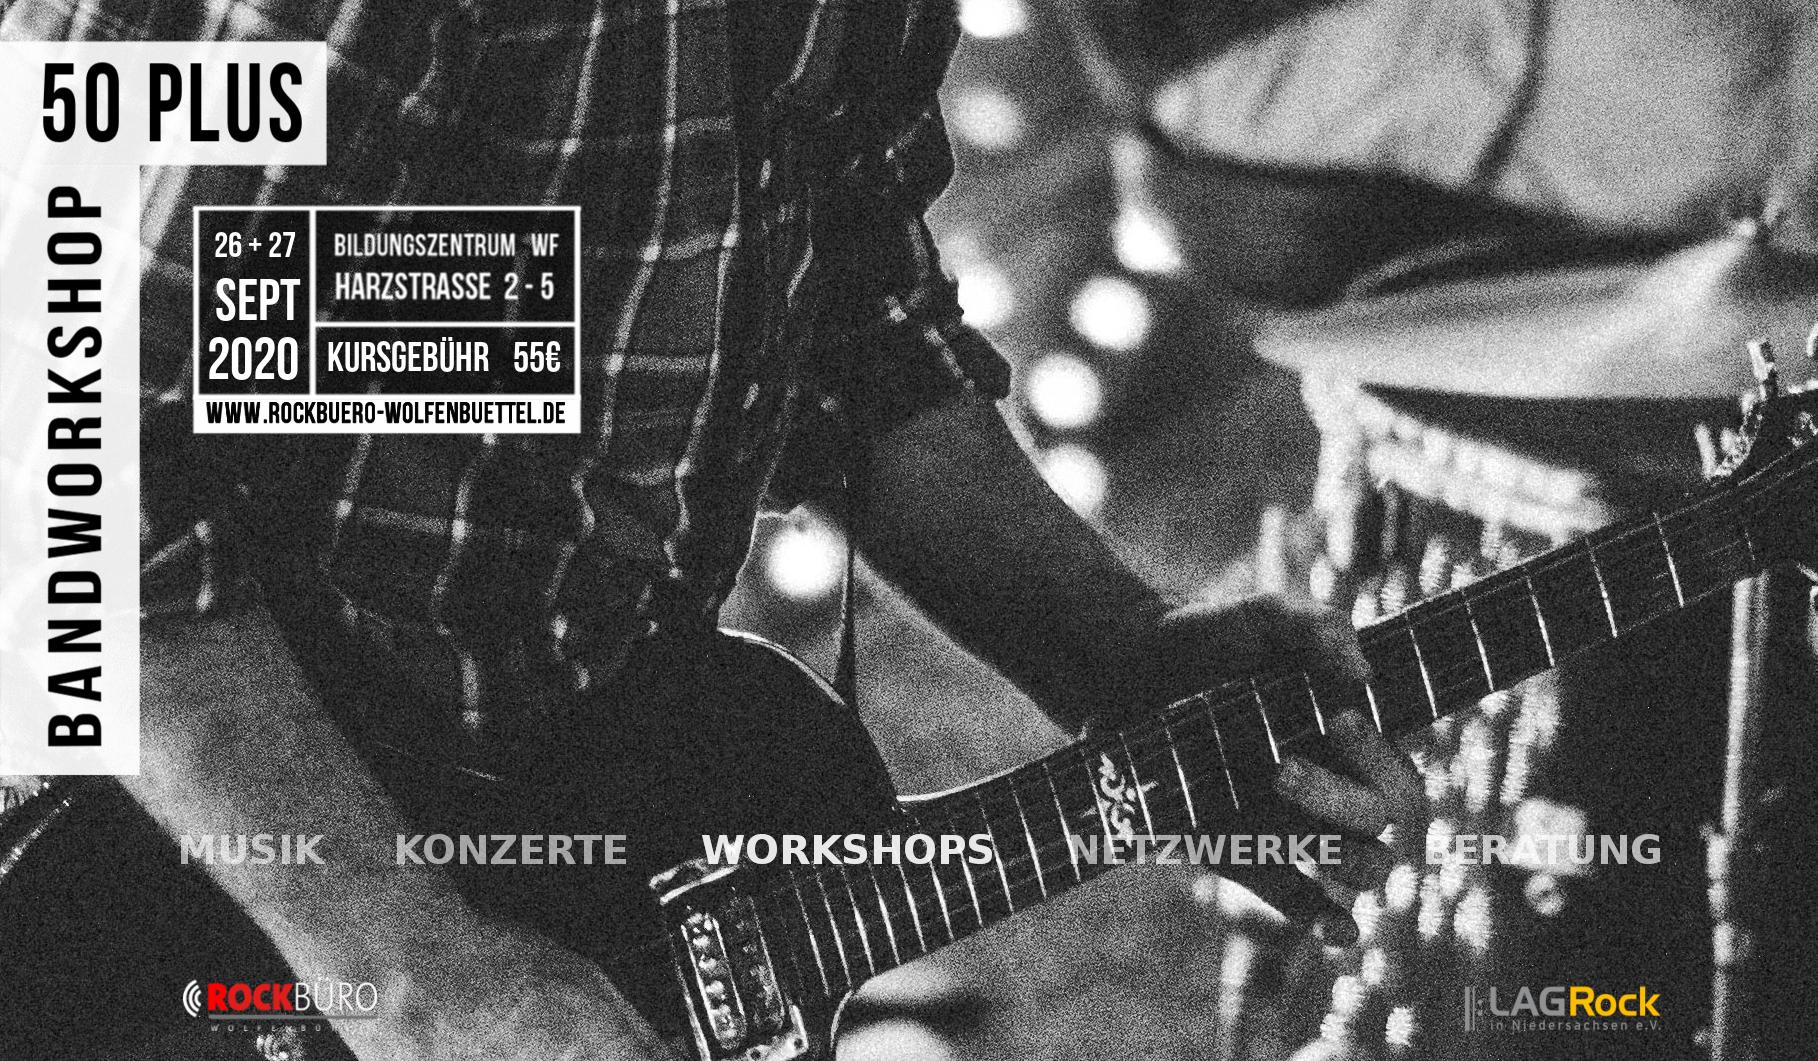 Bandworkshop 50+